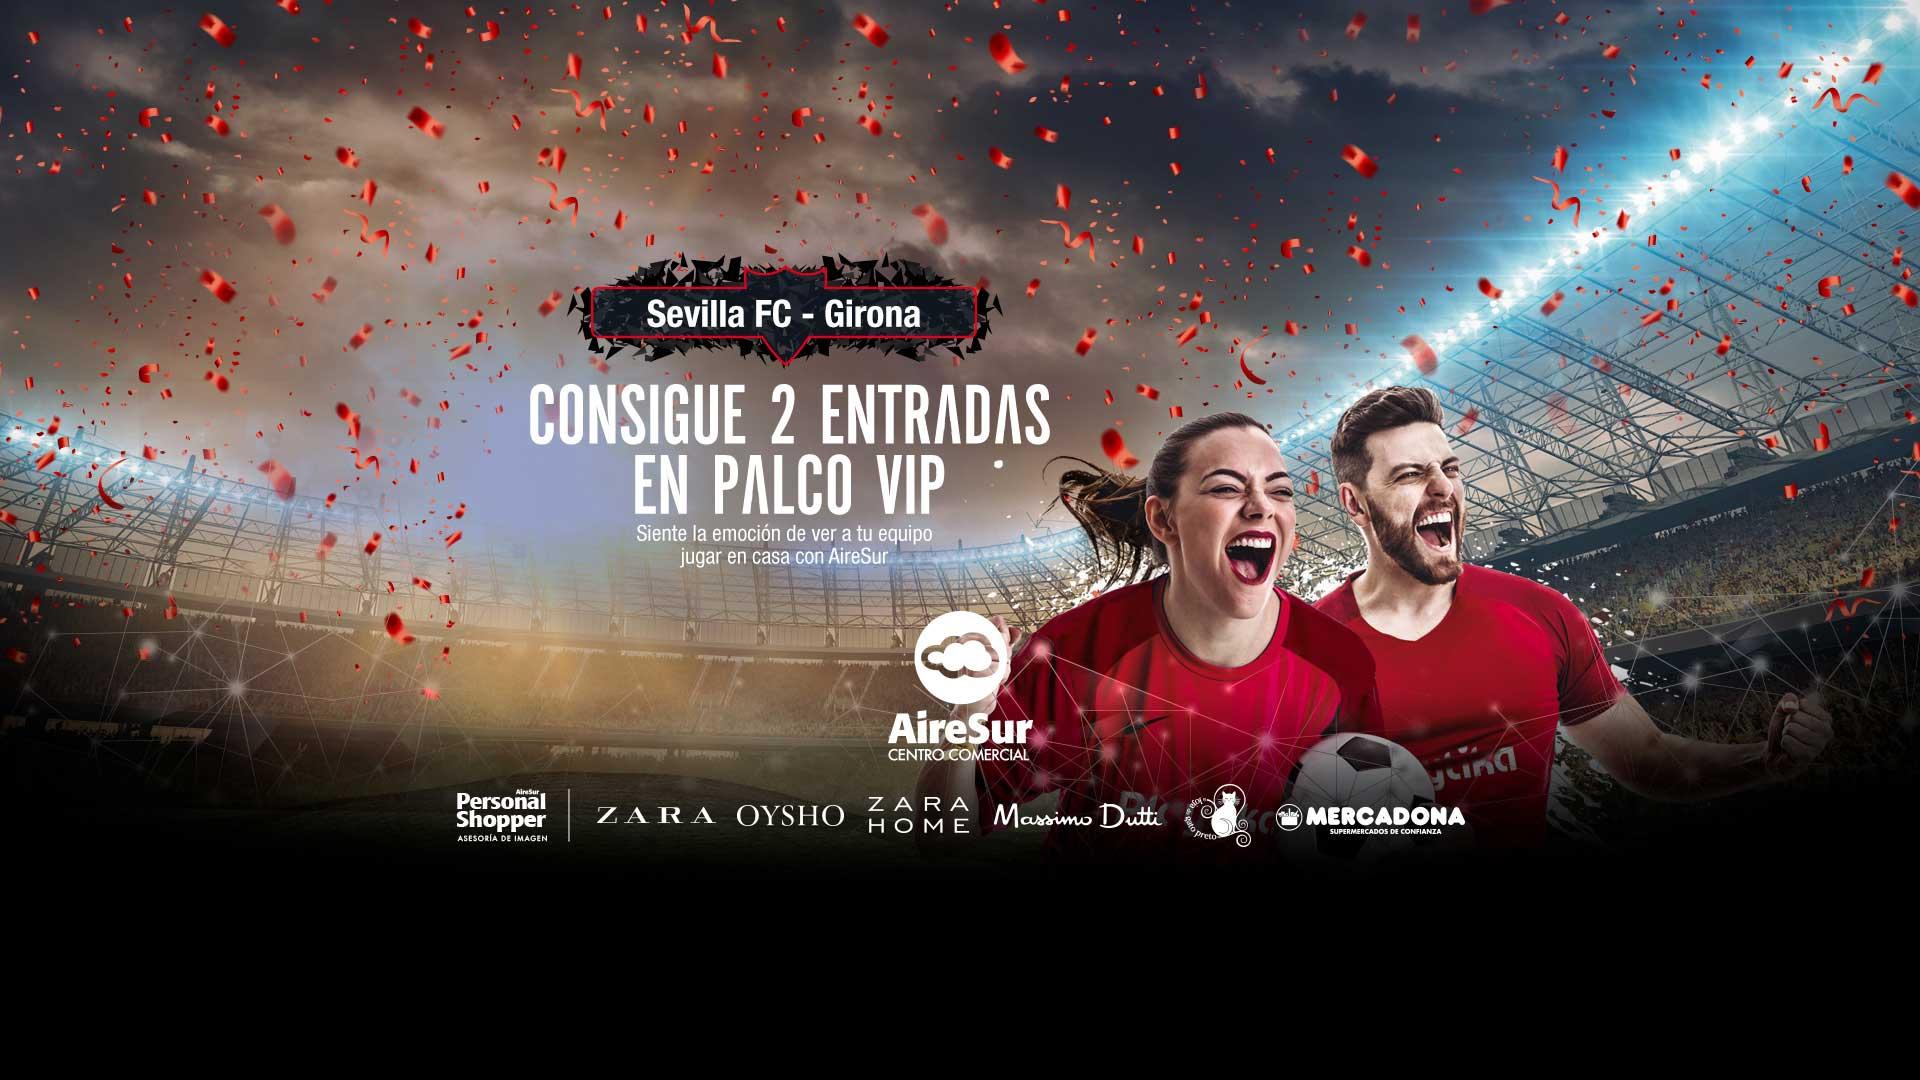 Sorteo Entradas Sevilla-Girona AireSur